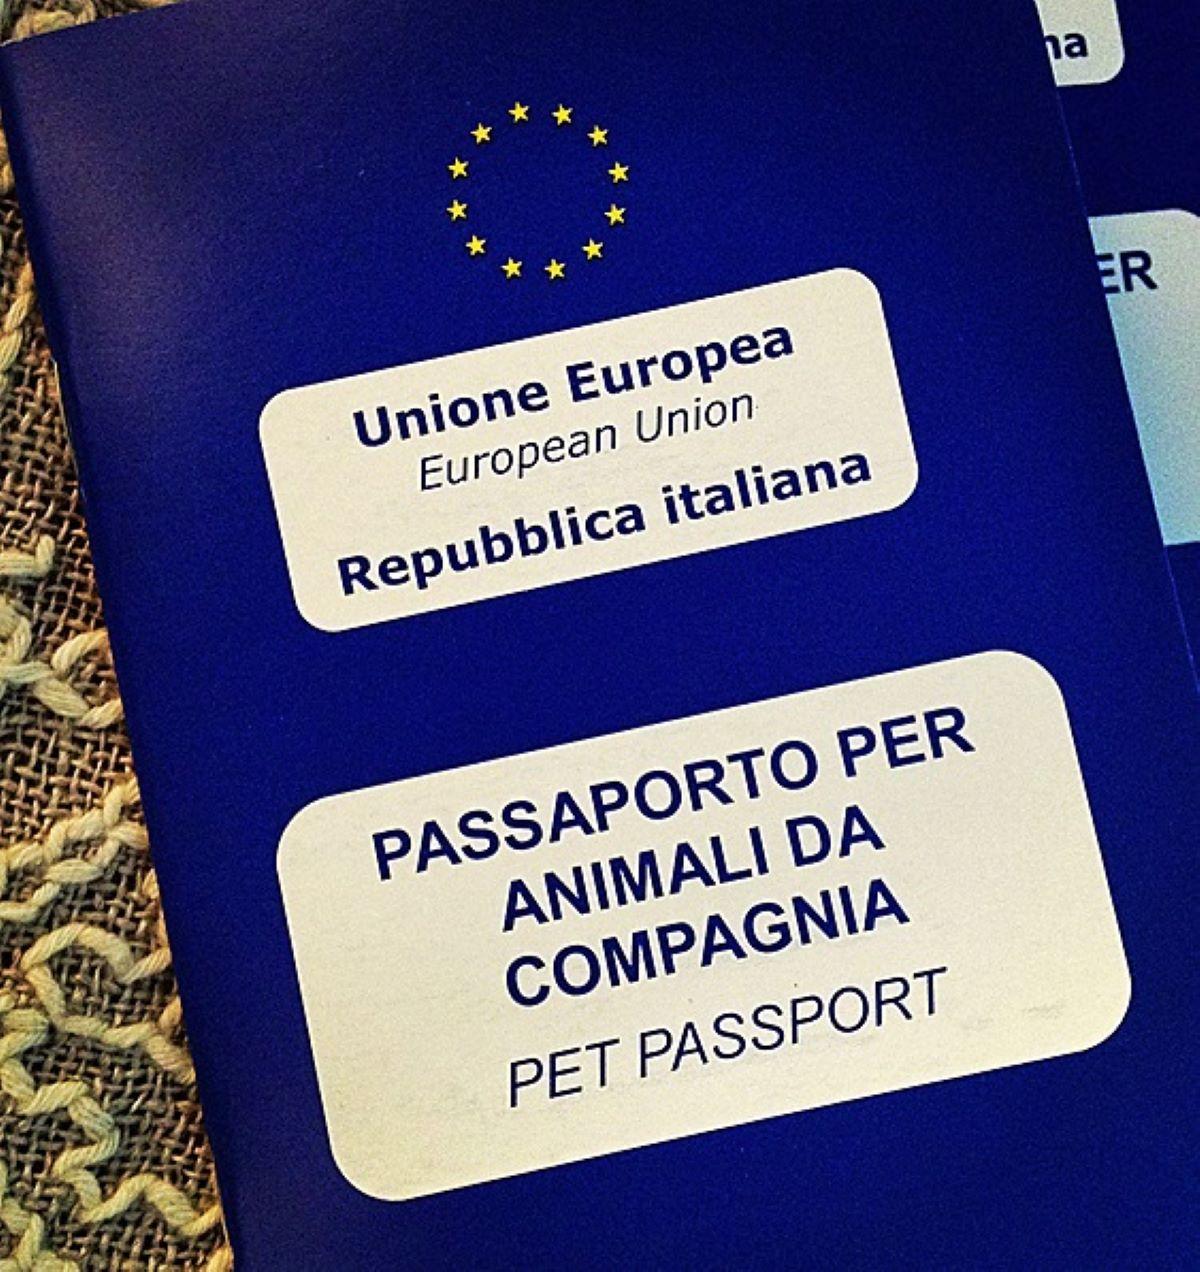 passaporto-animali